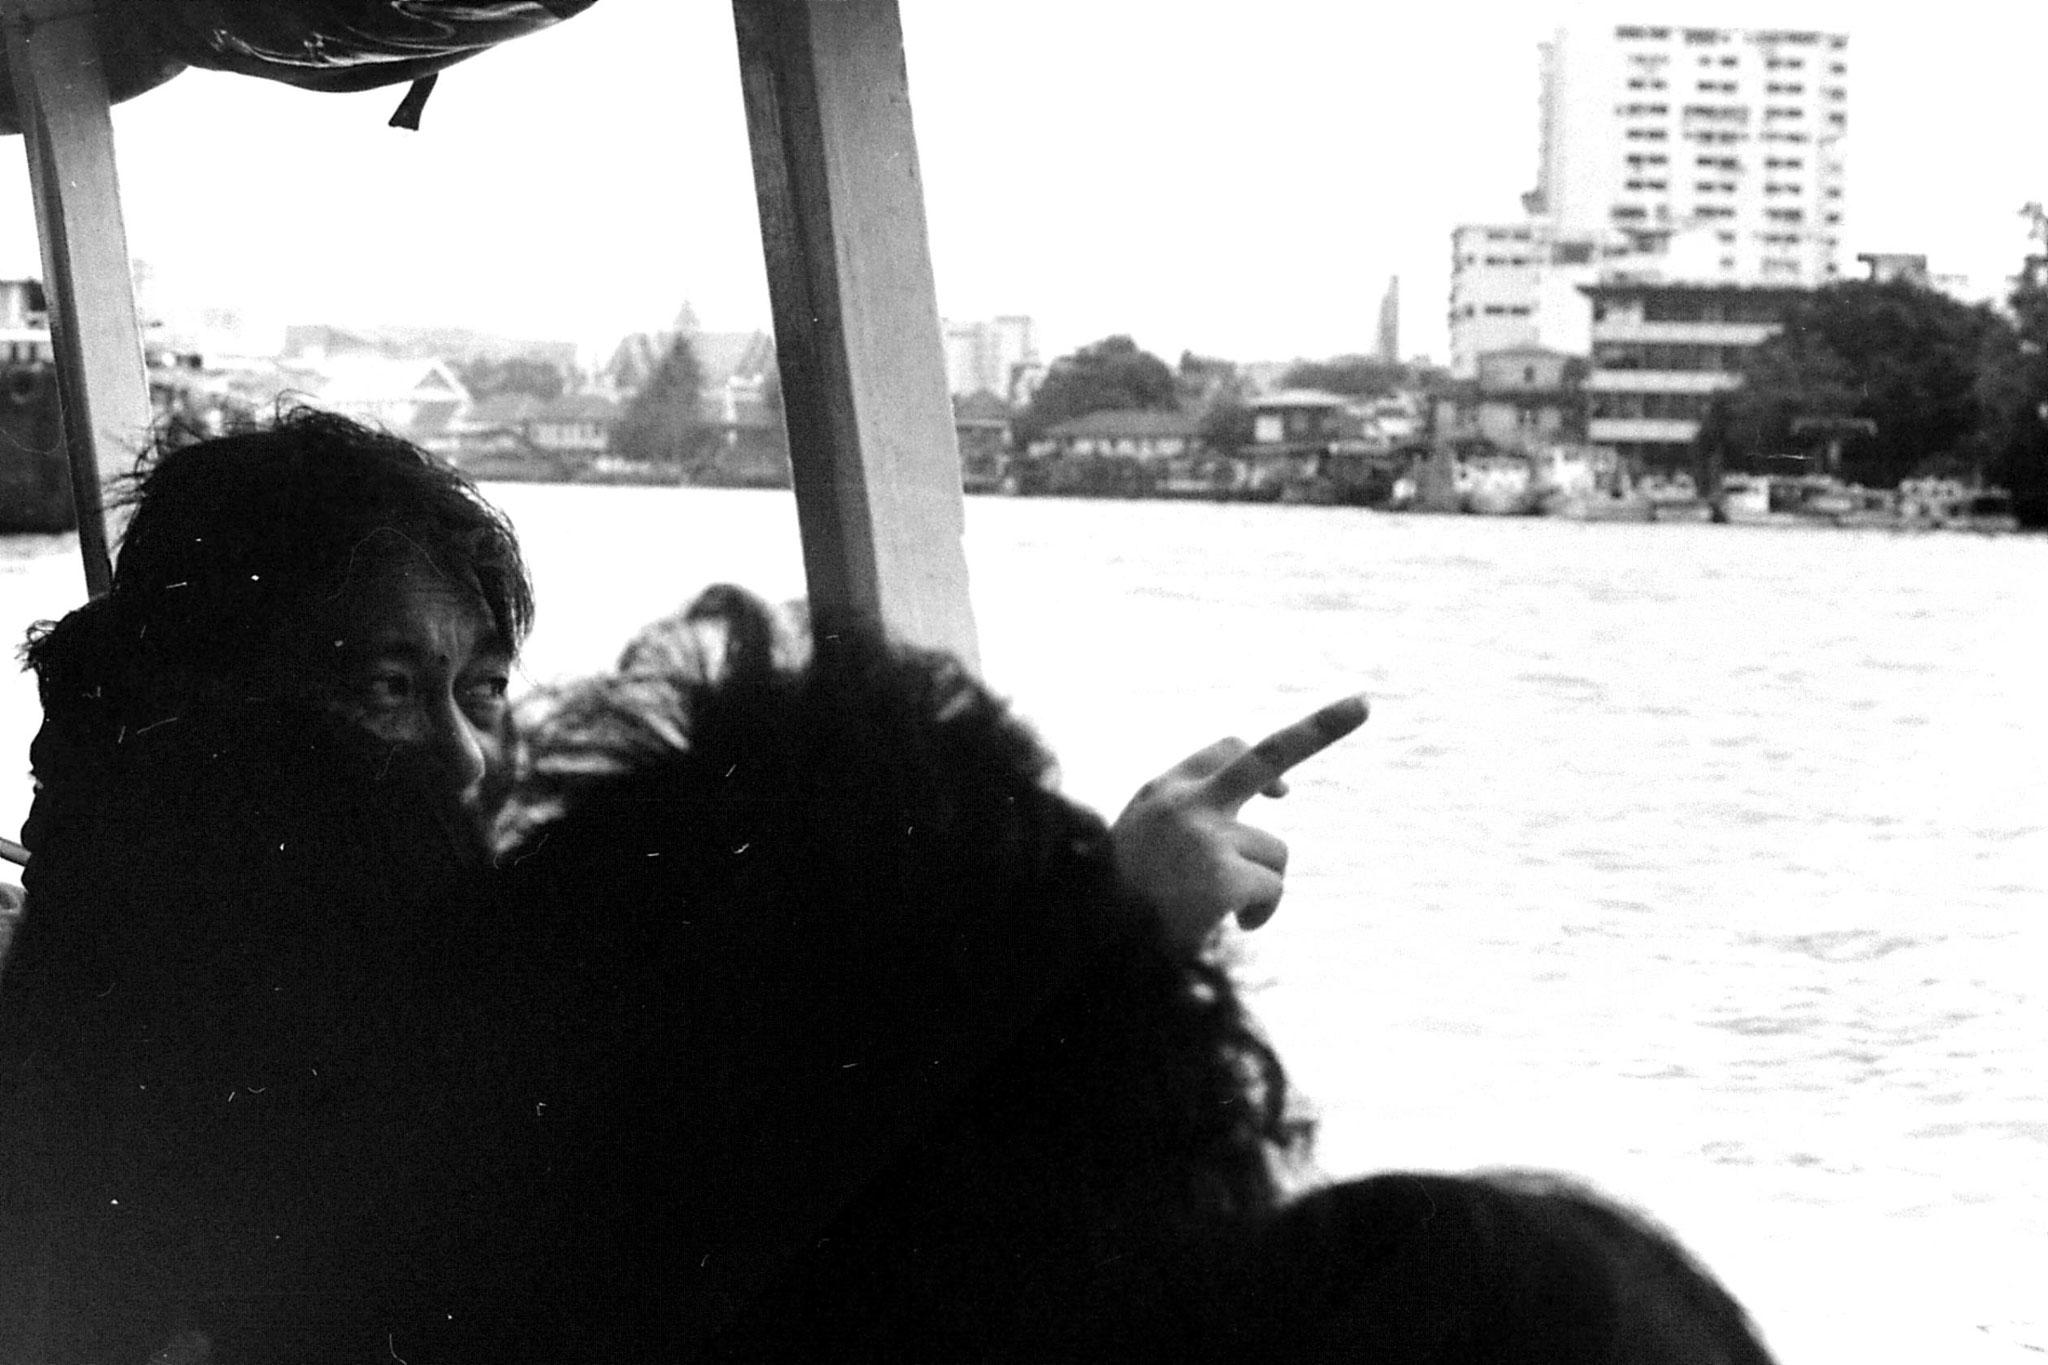 17/6/1990: 15: Bangkok, on the river